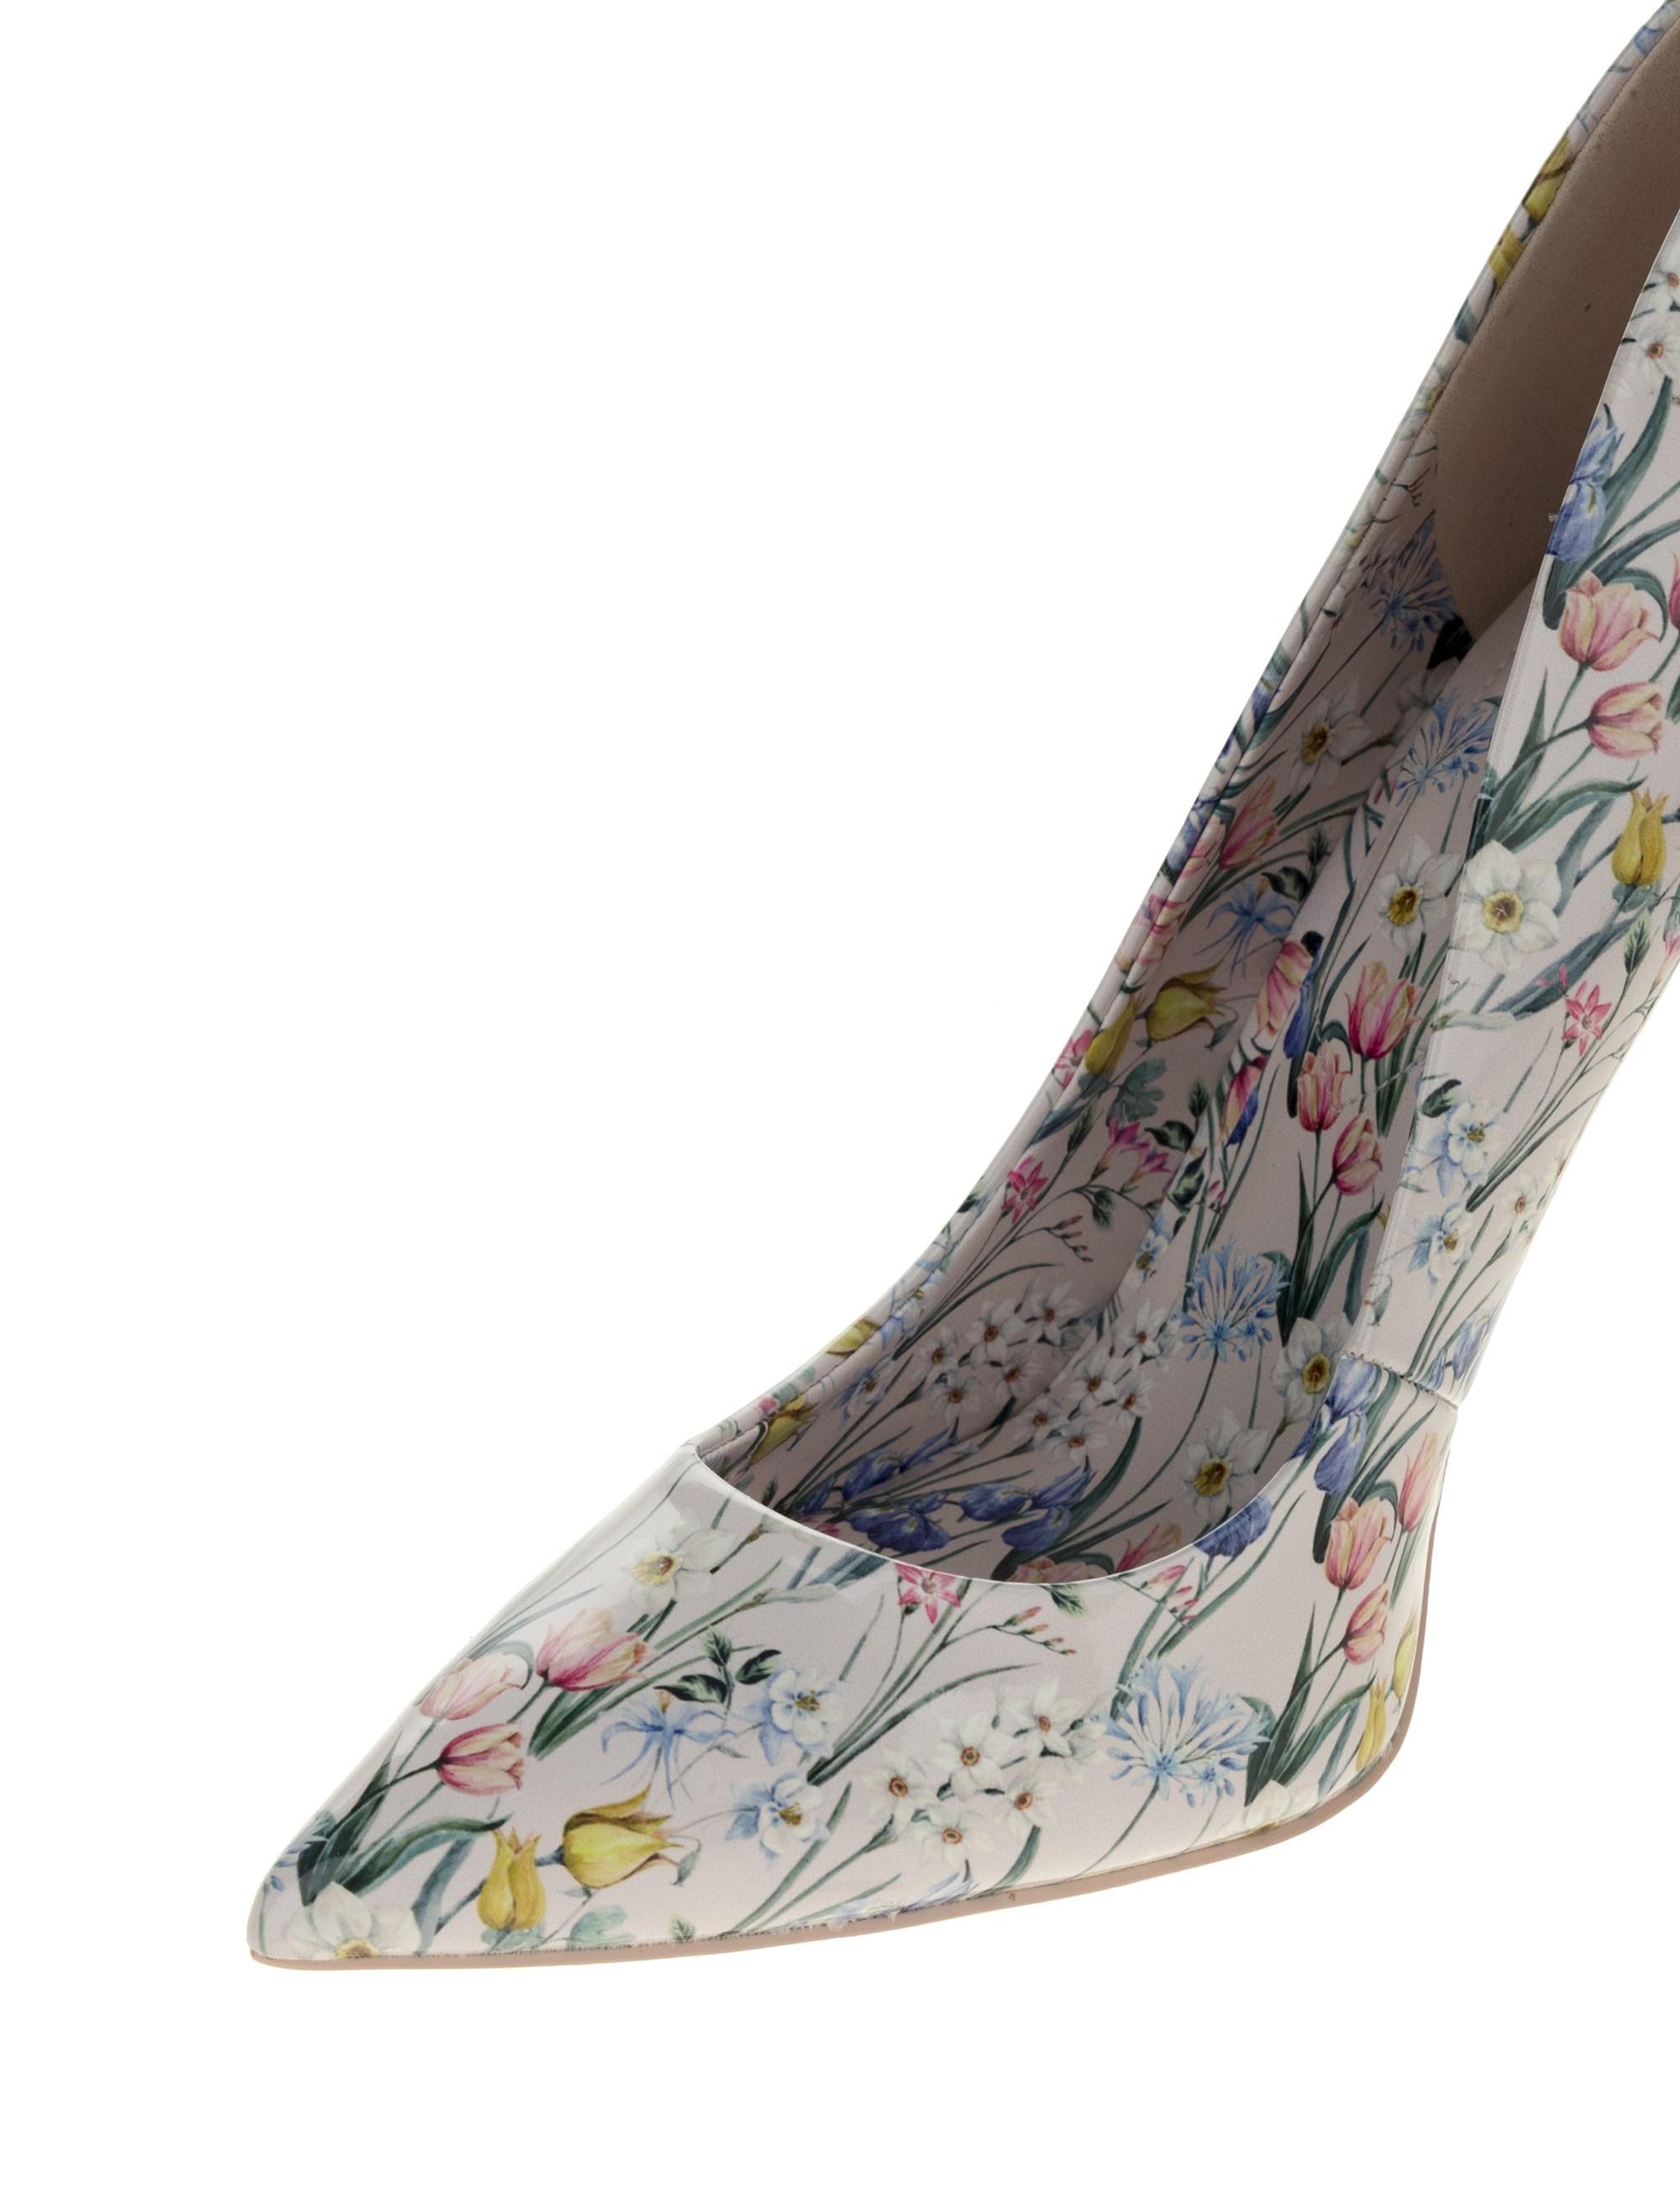 کفش پاشنه بلند زنانه - صورتي  - 6